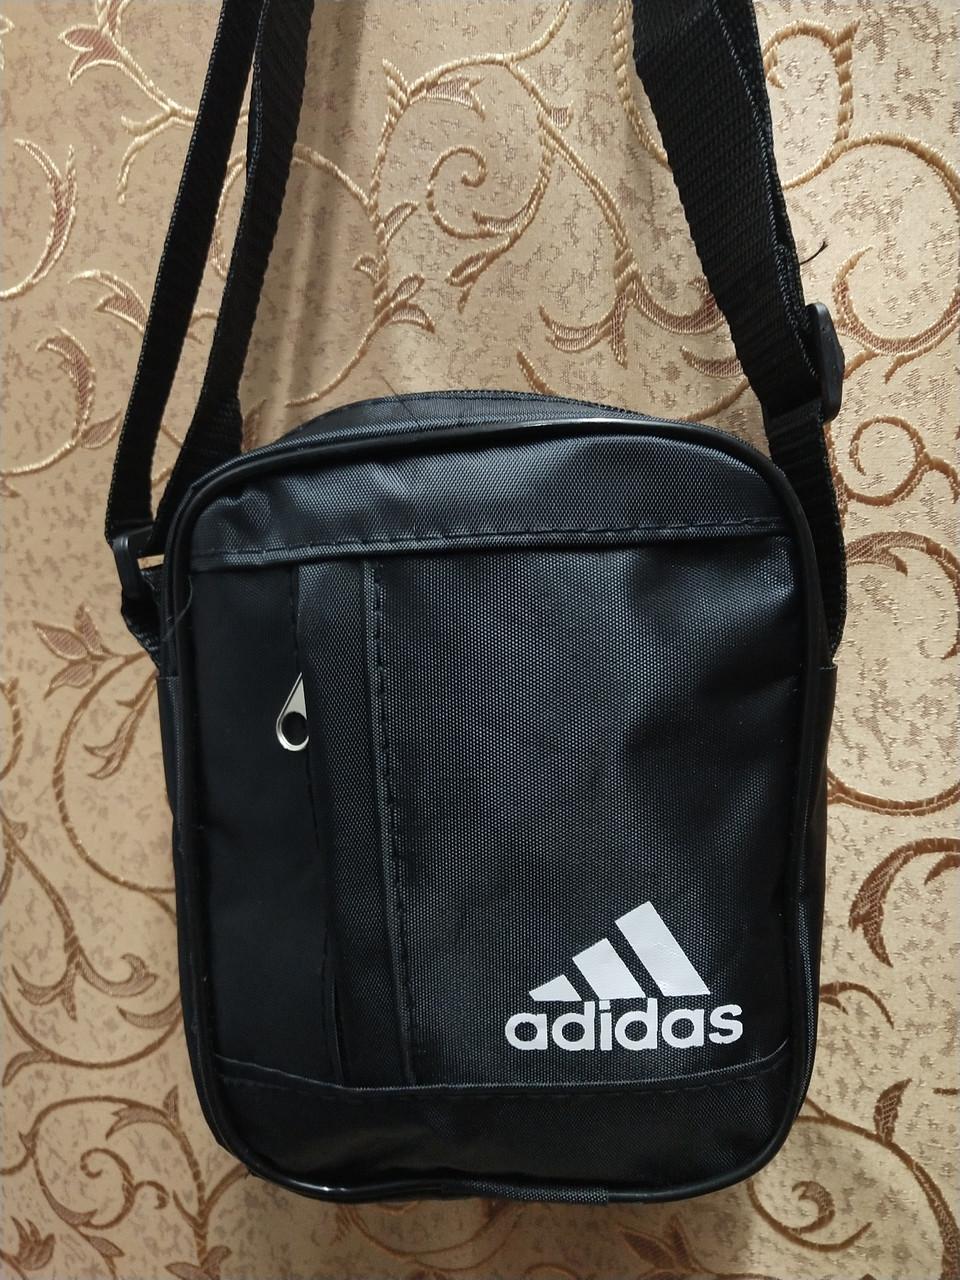 f6b1593db57b (18*14-маленький)Спортивные барсетка adidas Водонепроницаемая сумка для  через плечо только оптом